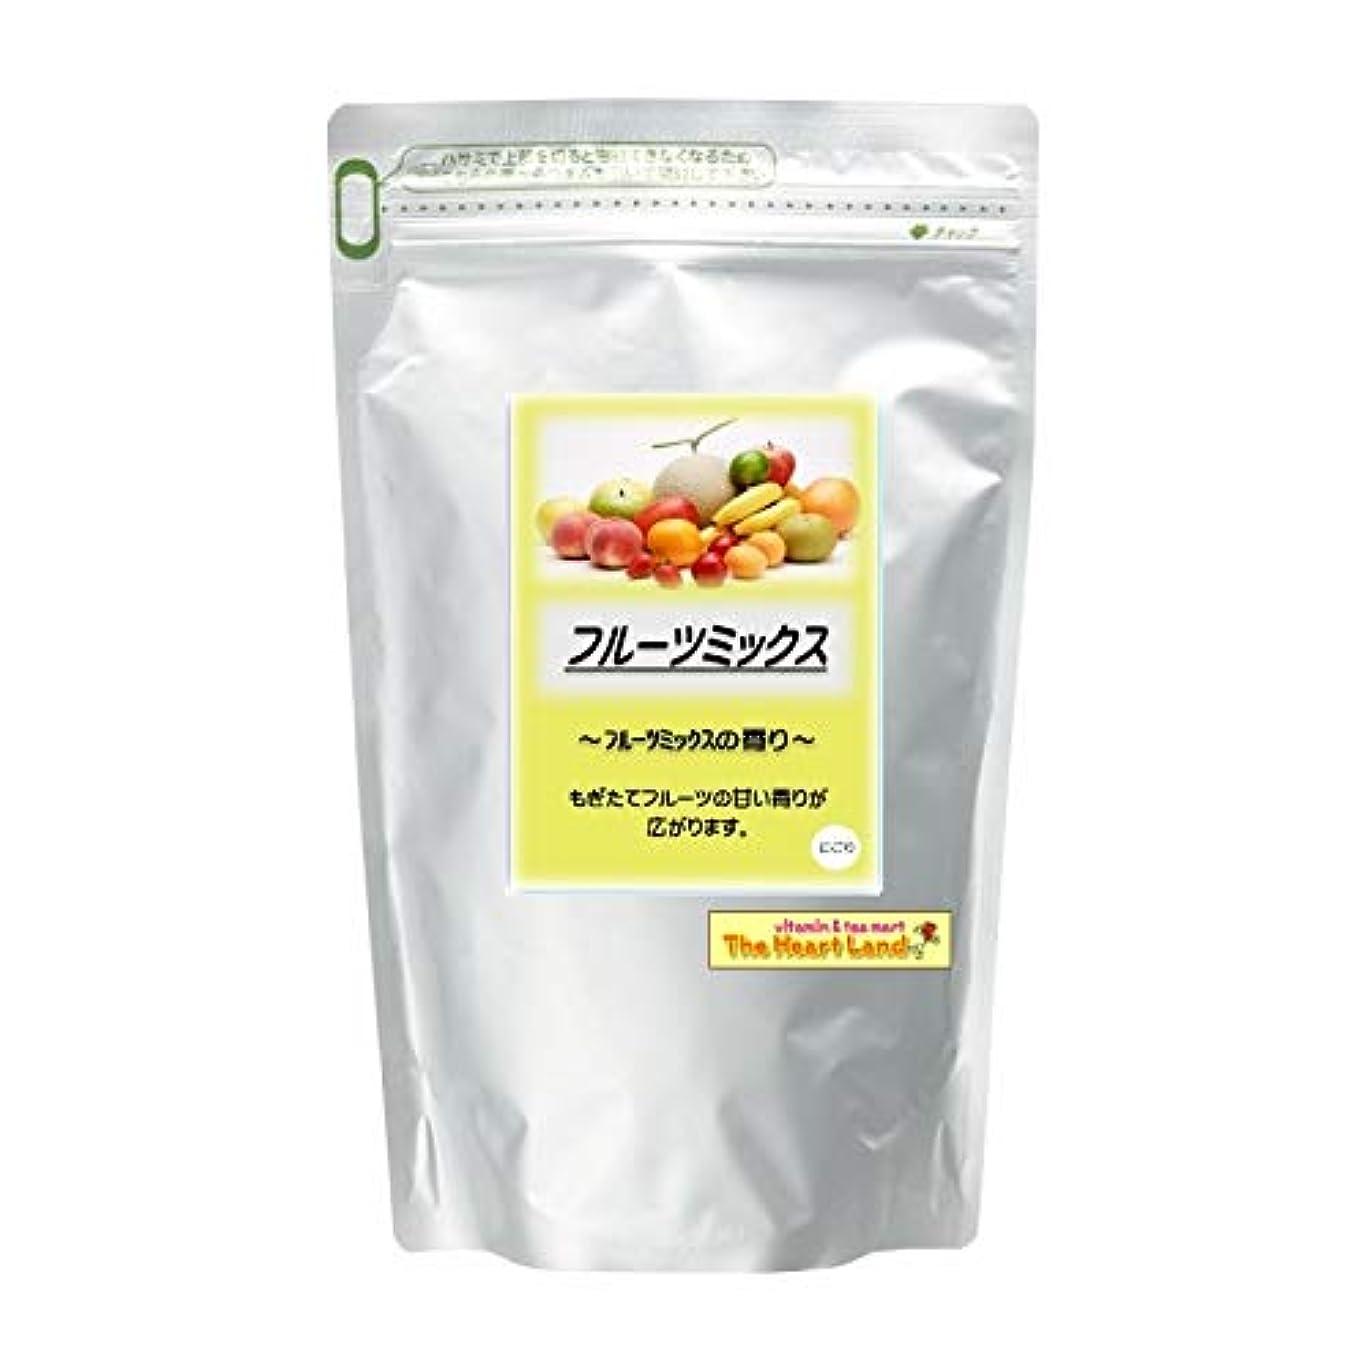 バイナリ簡略化する改革アサヒ入浴剤 浴用入浴化粧品 フルーツミックス 2.5kg